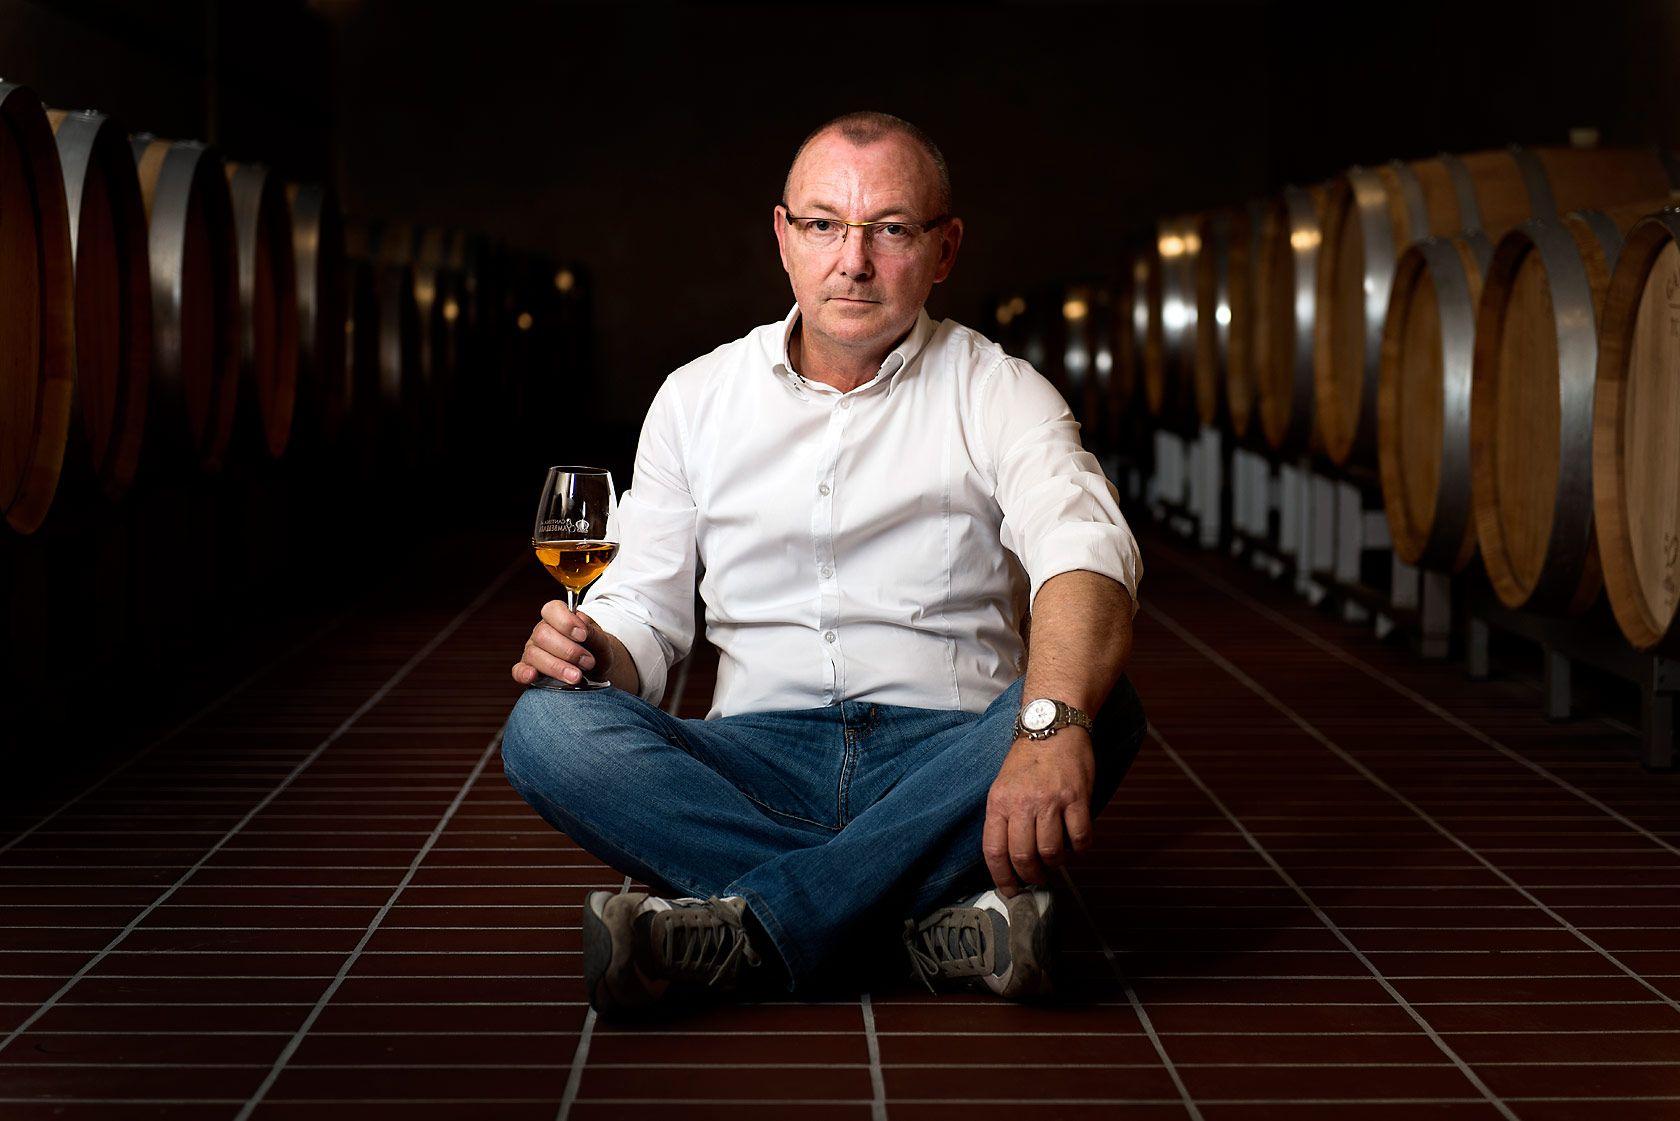 #chairman #wine #environement #posed #portrait #ritratto #ambientato #cantina #vinicola